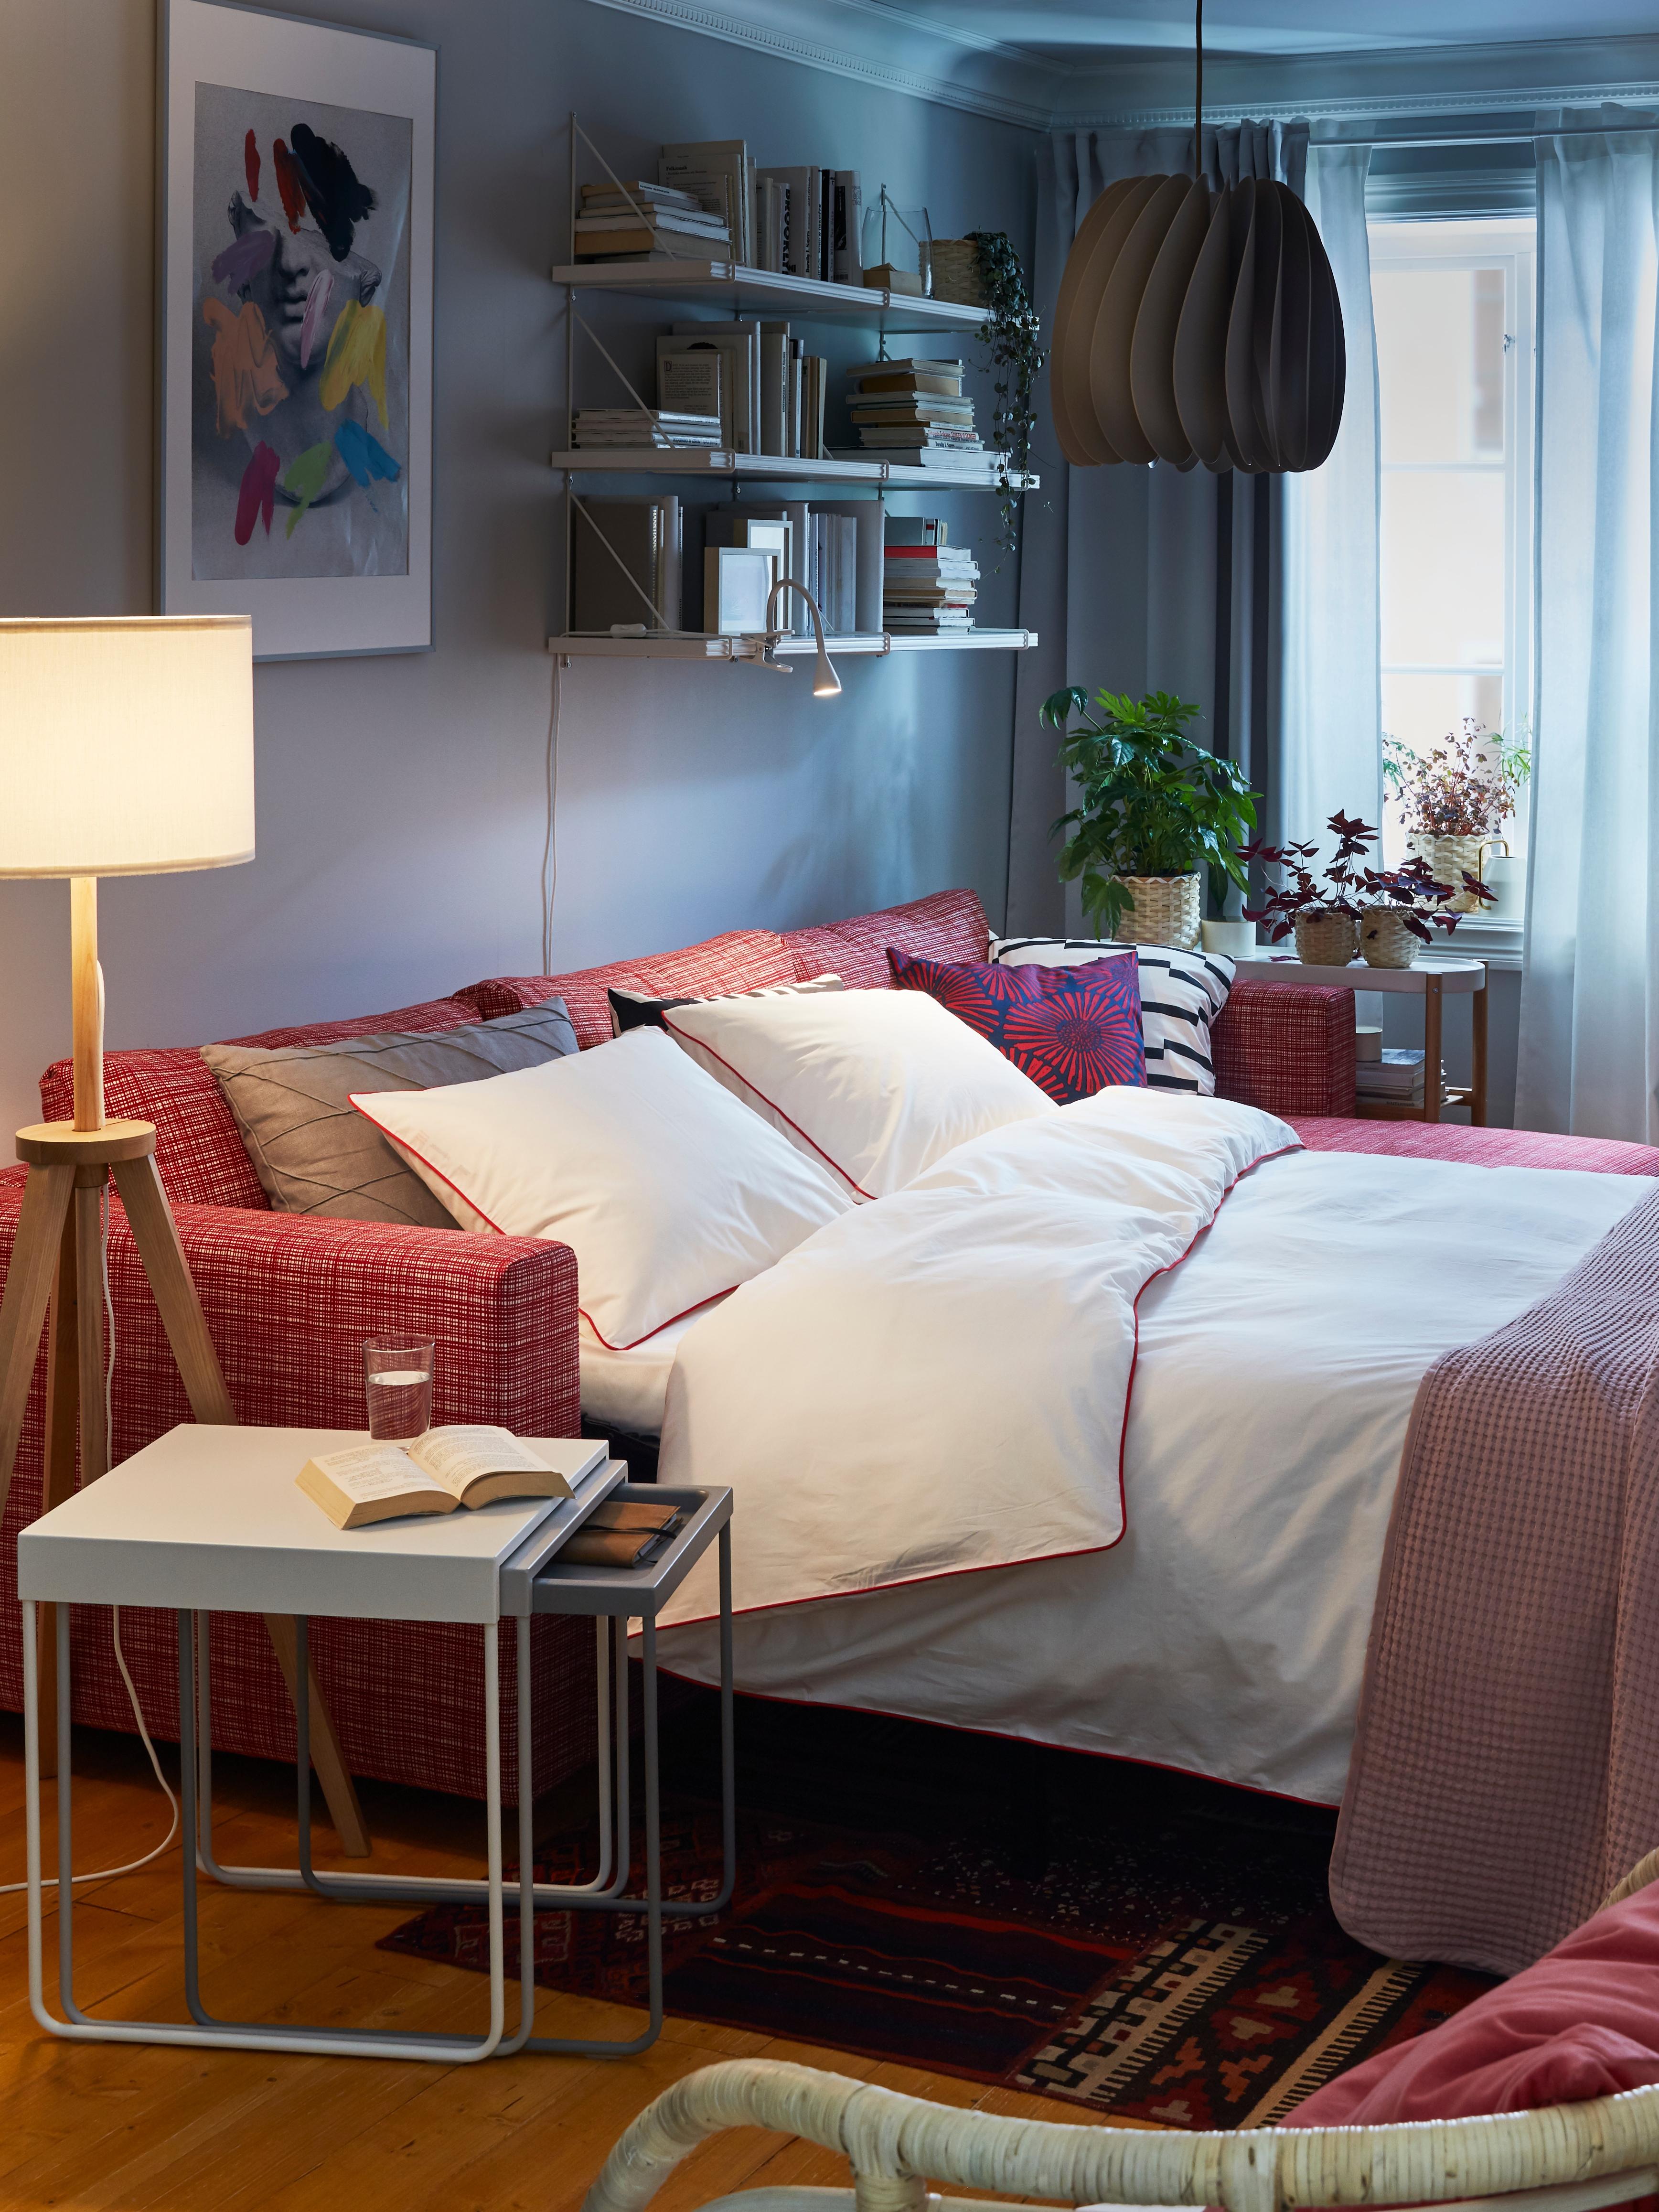 Crveno-beli VIMLE sofa ležaj s tri sedišta u funkciji kreveta s belom posteljinom pored seta stočića i uključene podne lampe.